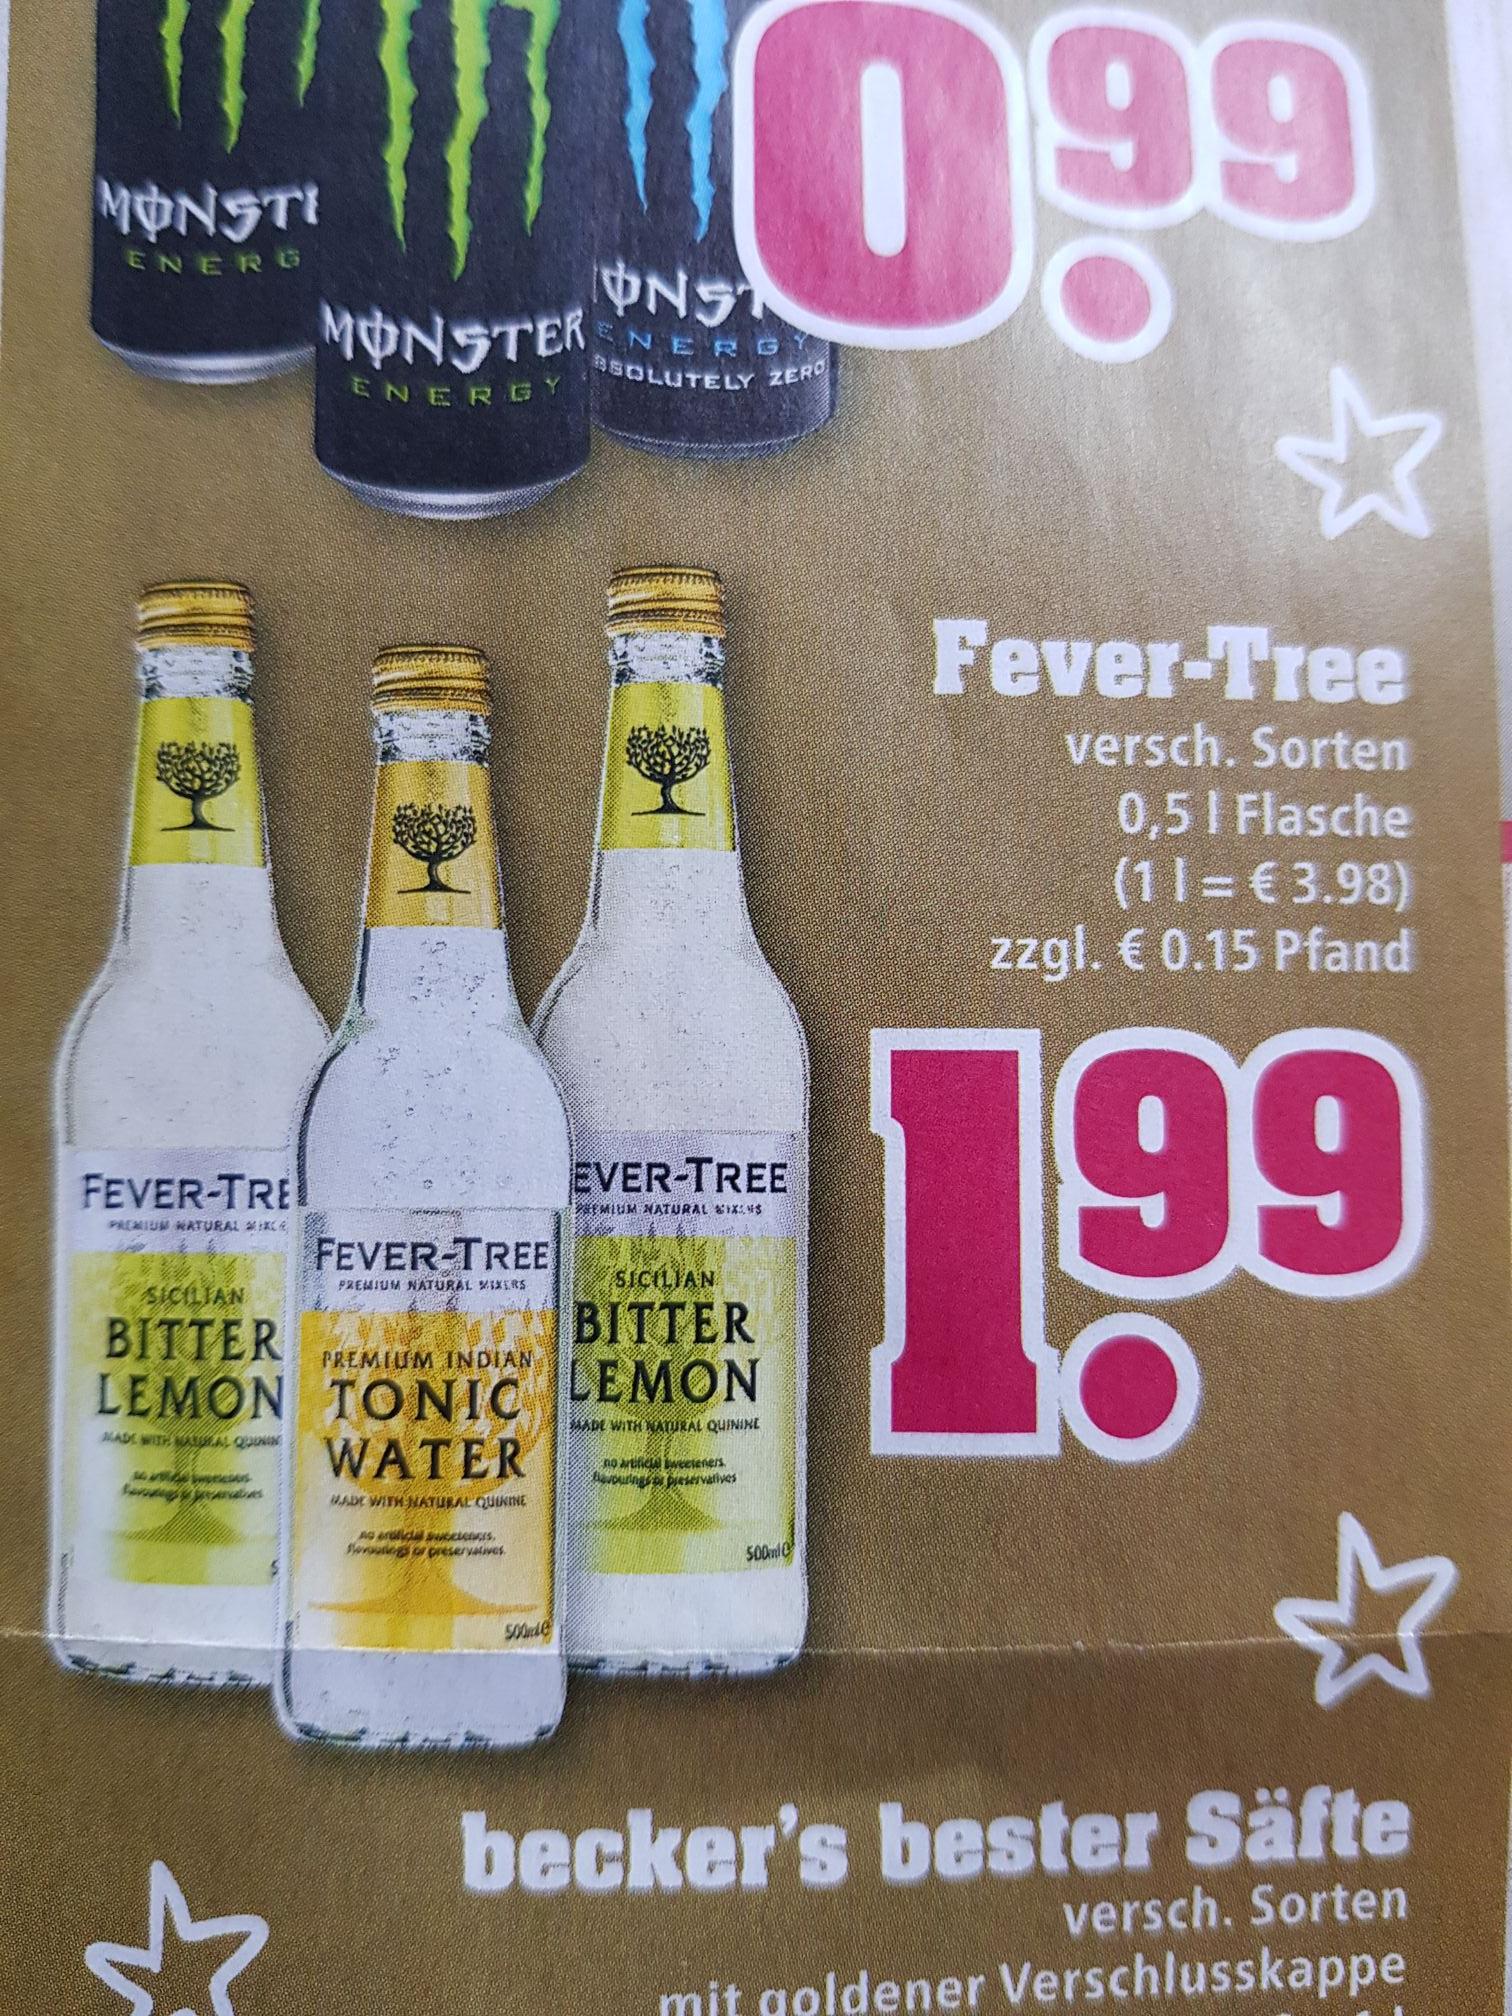 Fever-Tree 0,5l Tonic Water und andere Sorten bei Trinkgut für €1,99